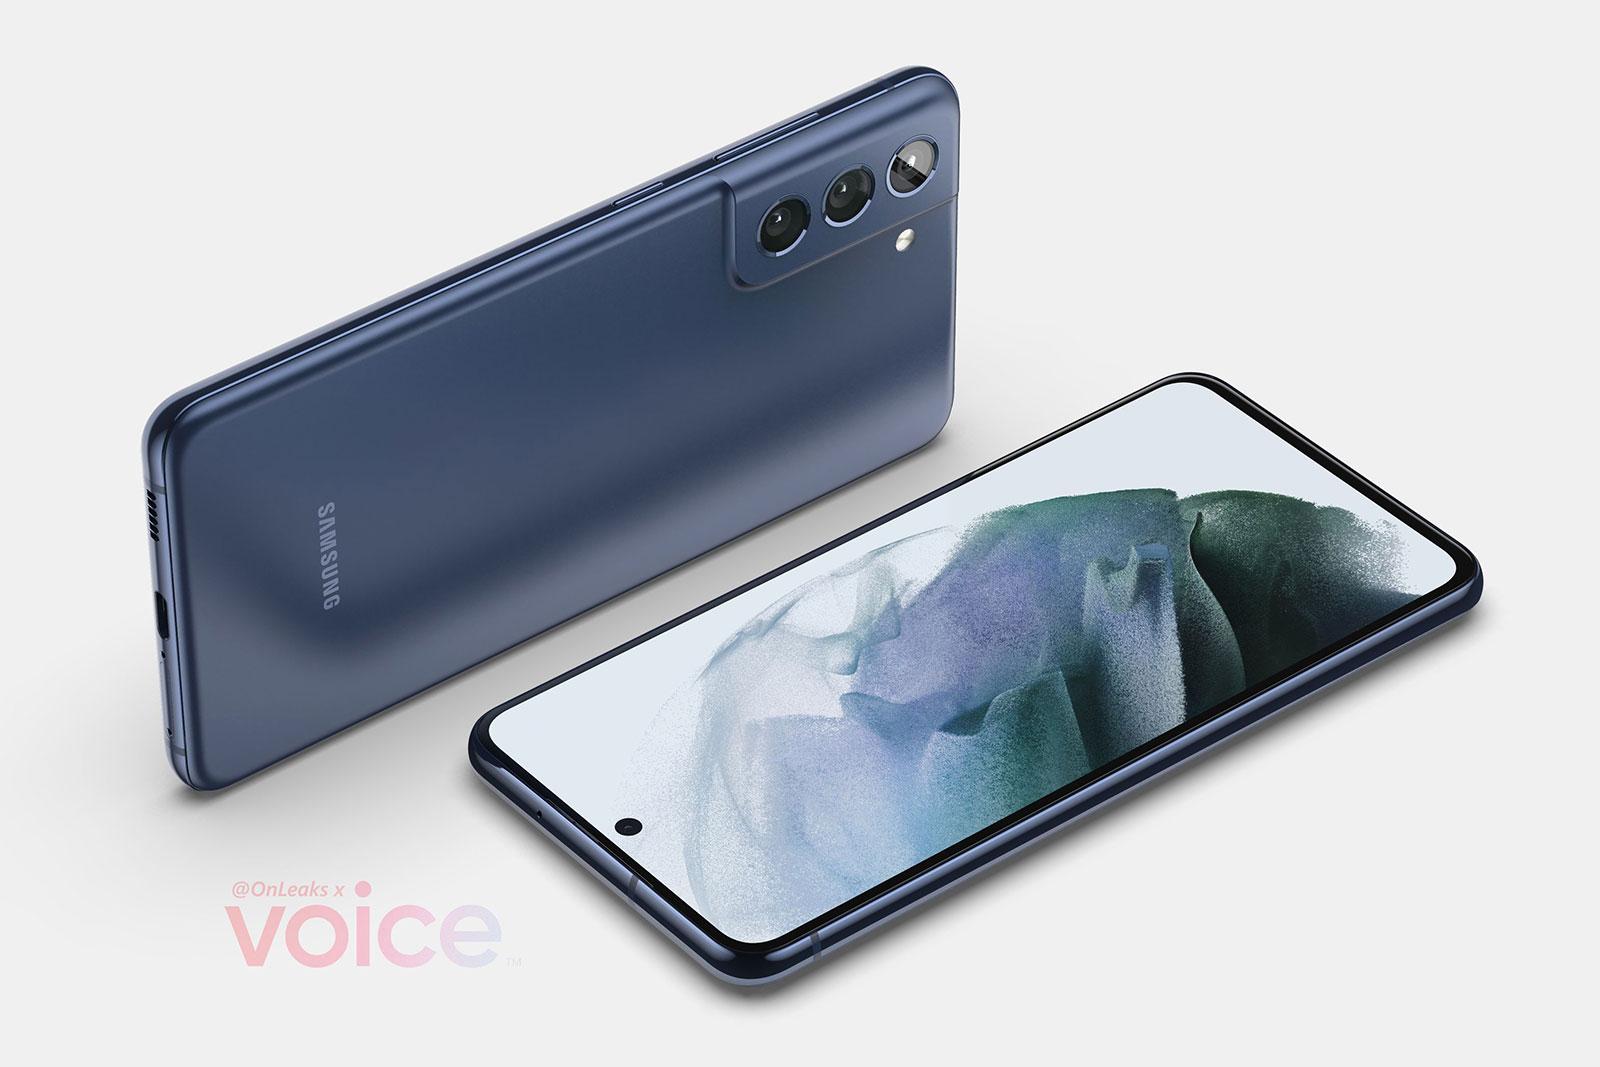 Samsung Galaxy S21 FE leak